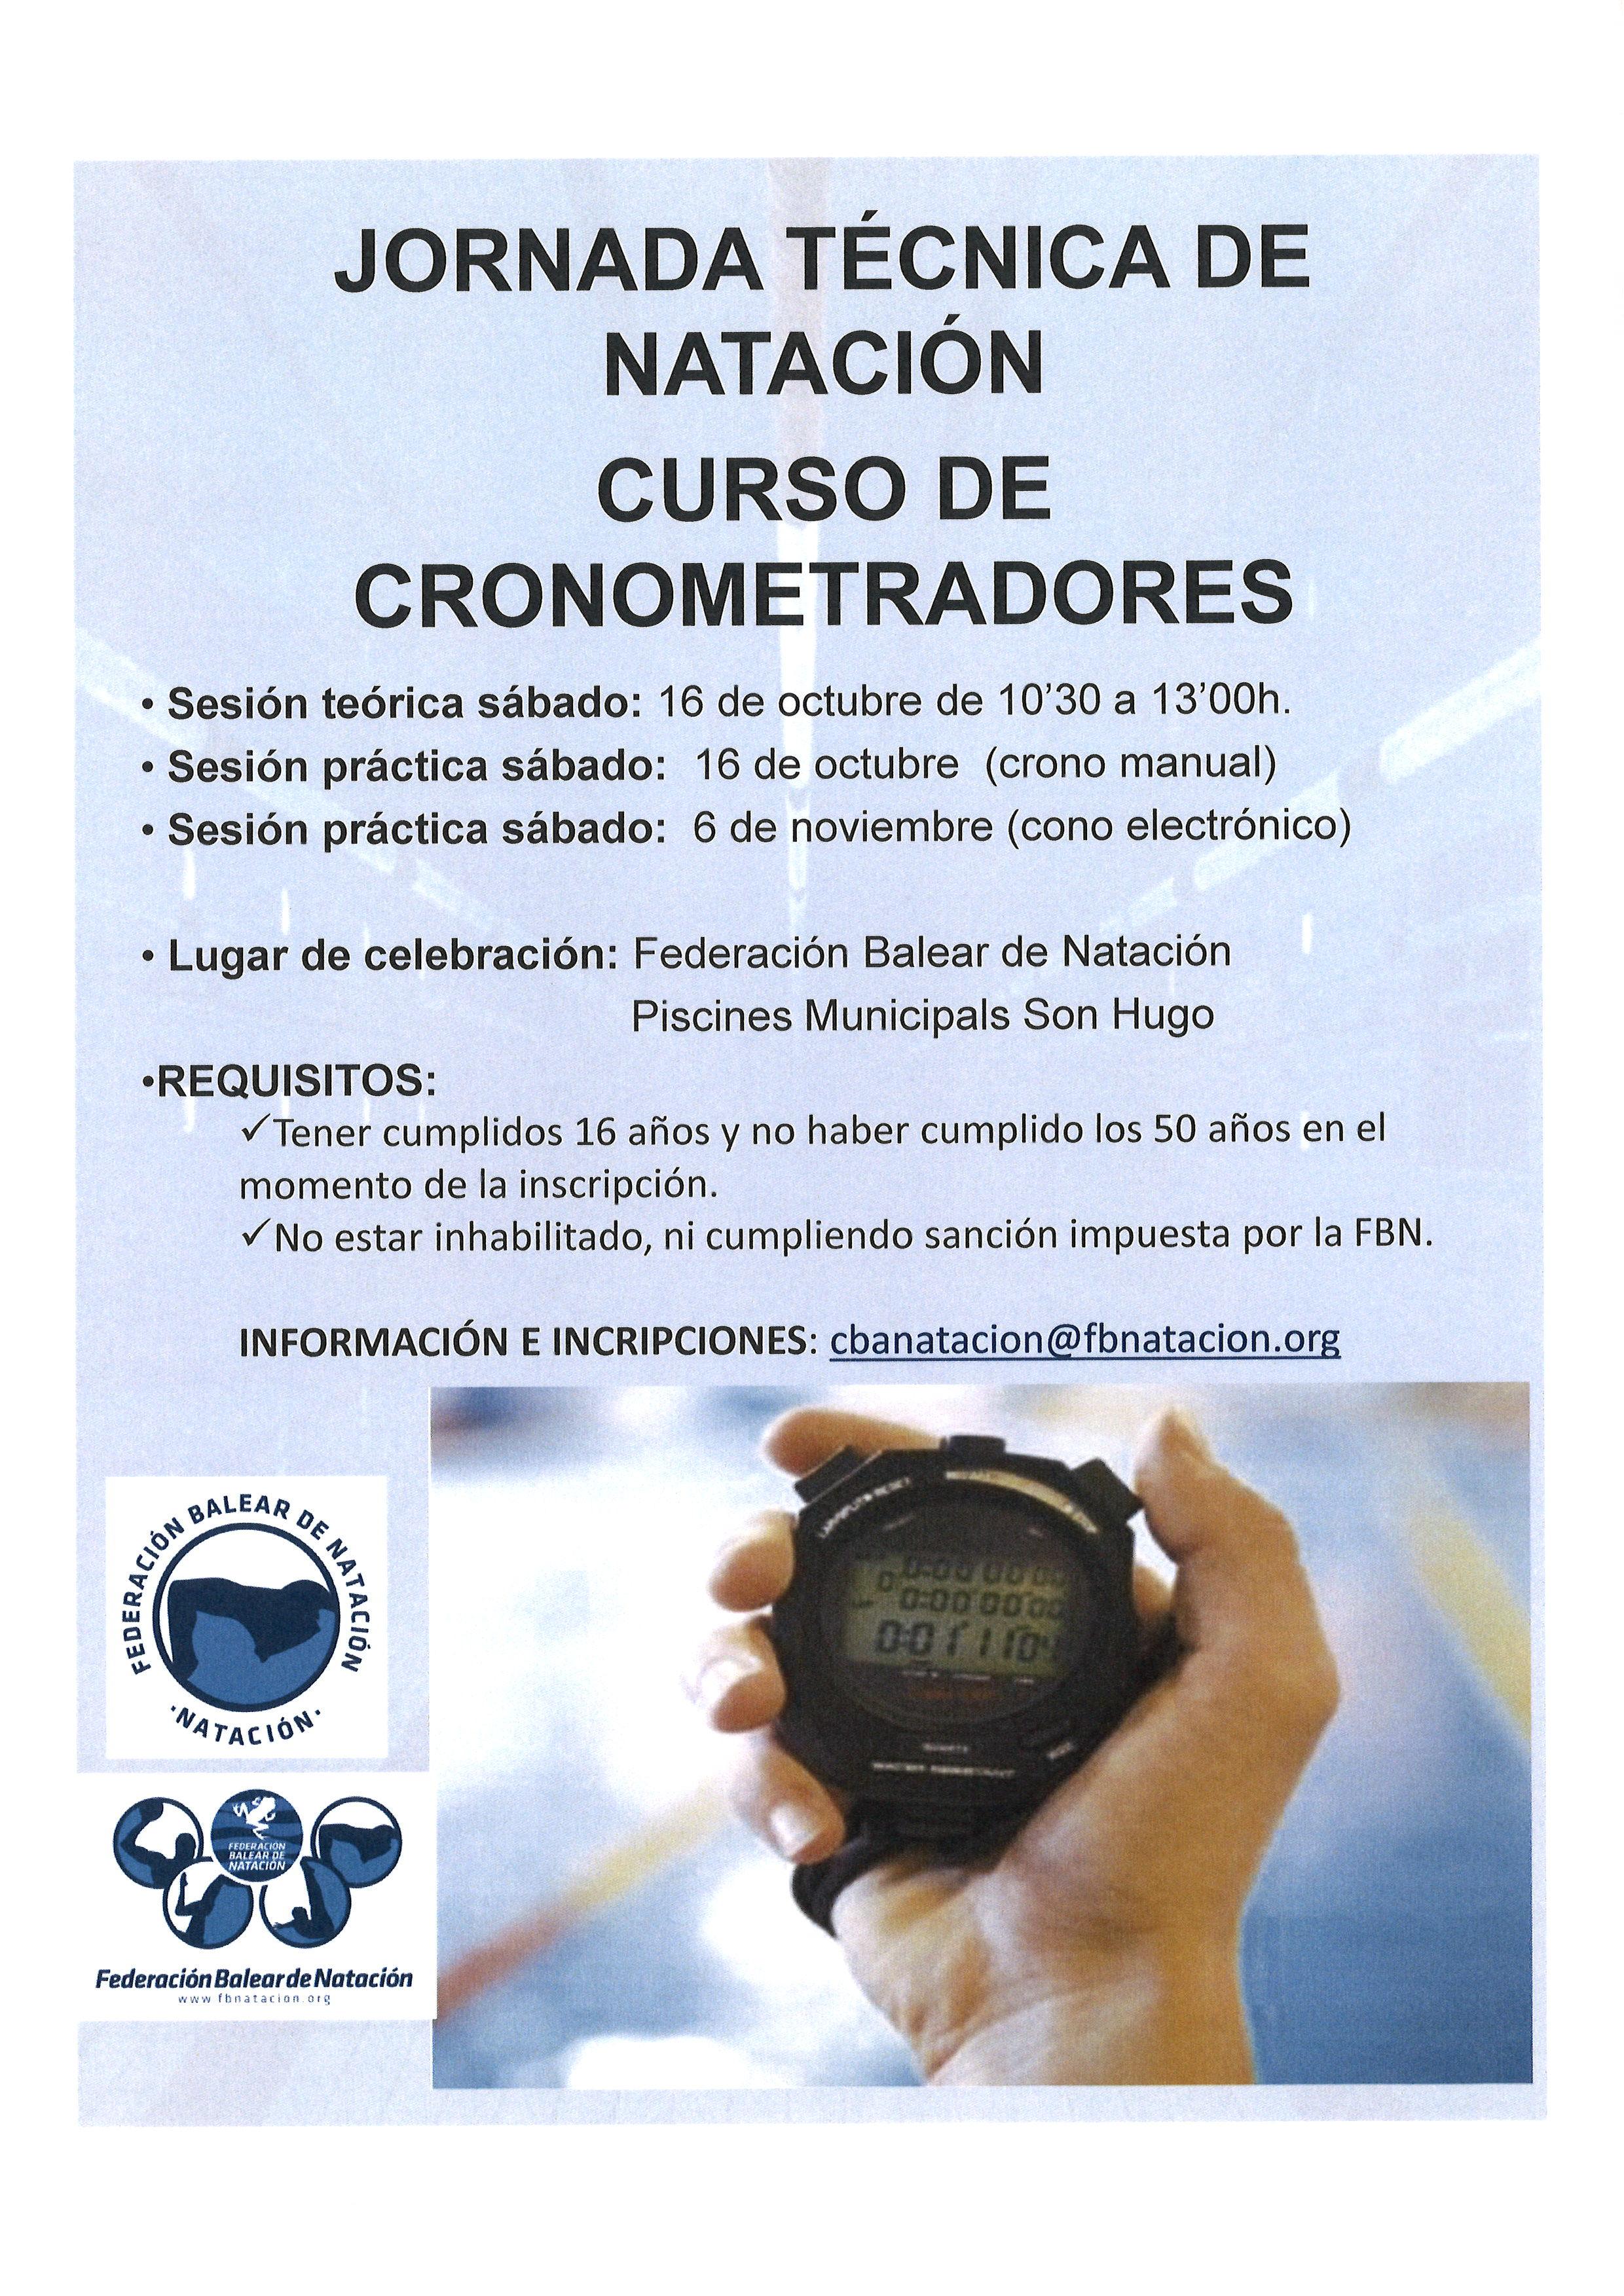 JORNADA TÉCNICA DE FORMACIÓN: CURSO DE CRONOMETRADORES